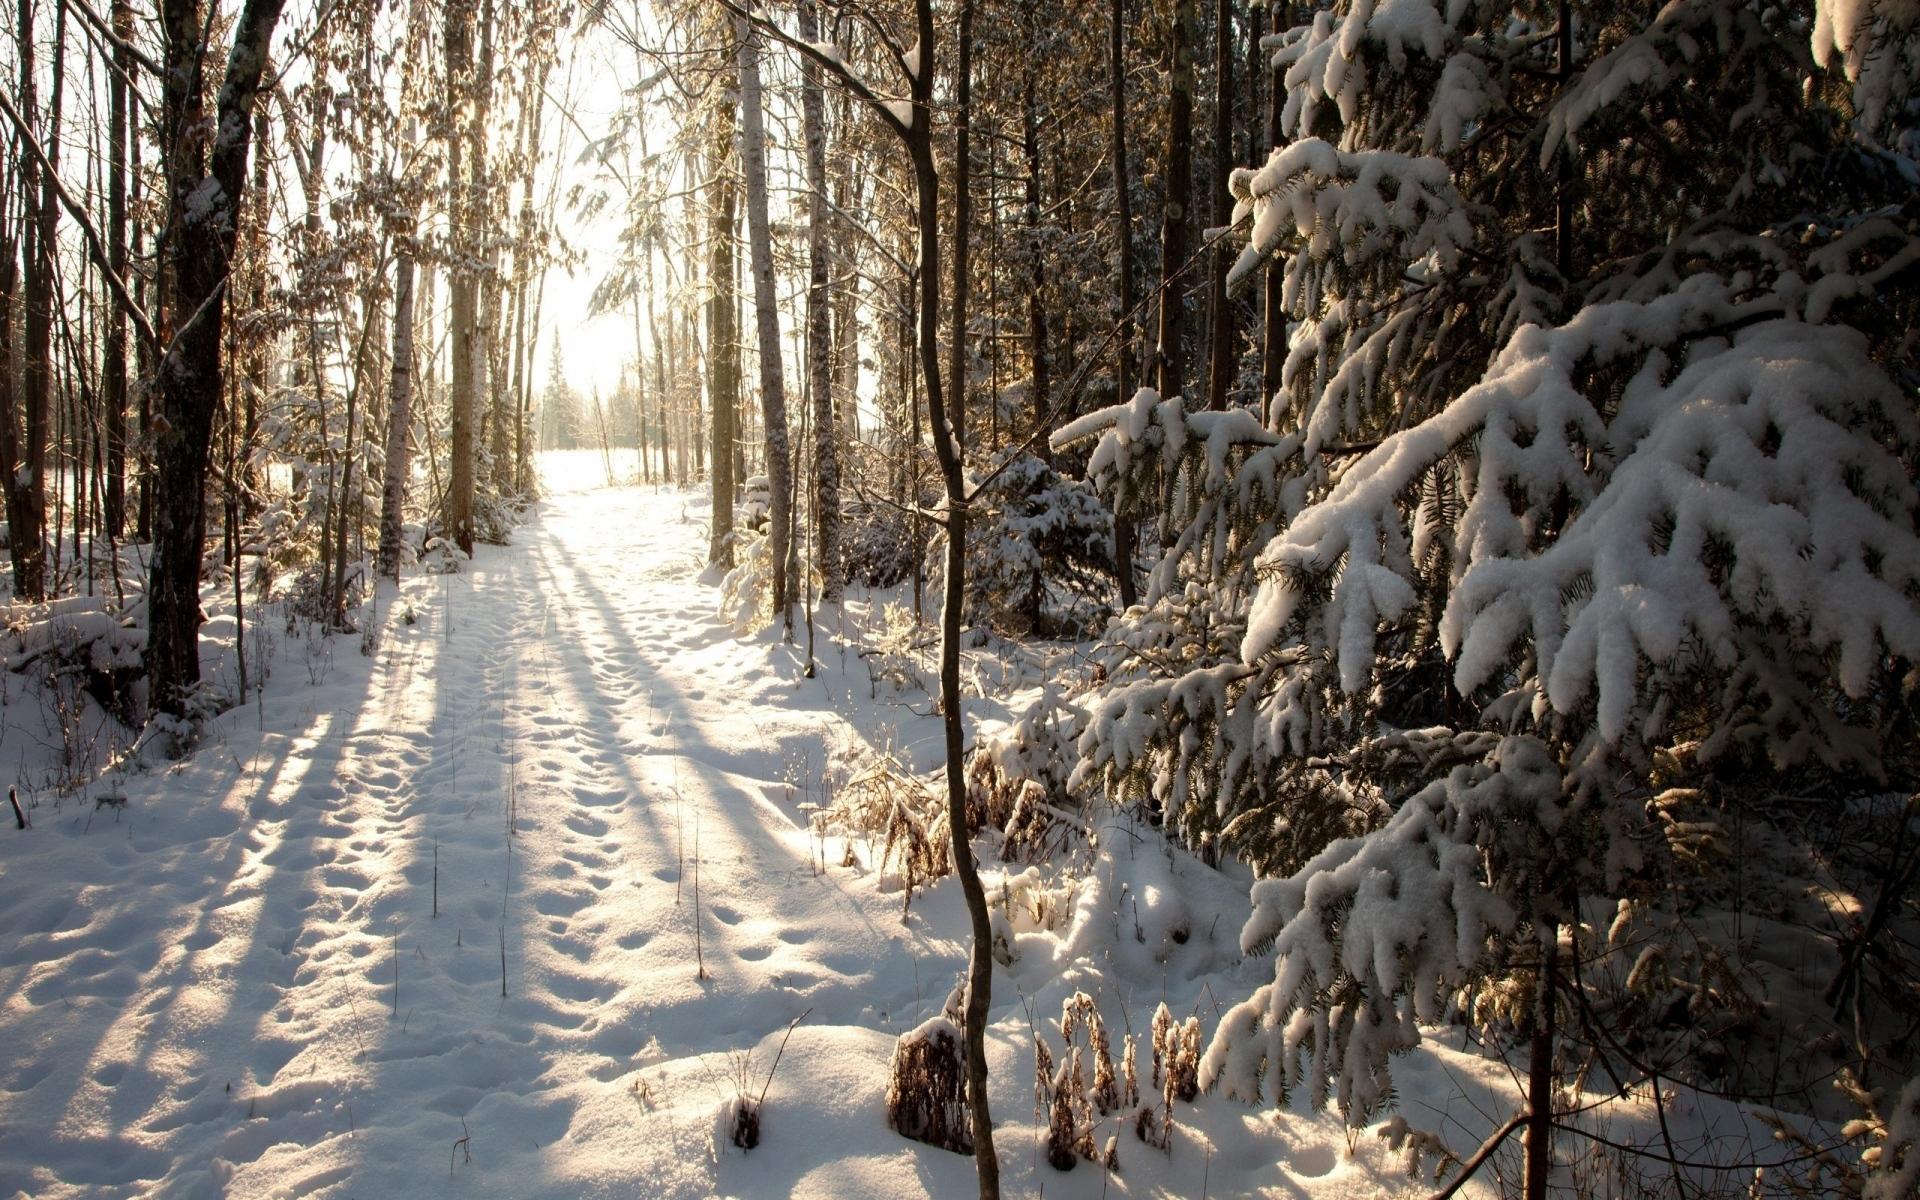 Картинки лес, снег, зима фото и обои на рабочий стол